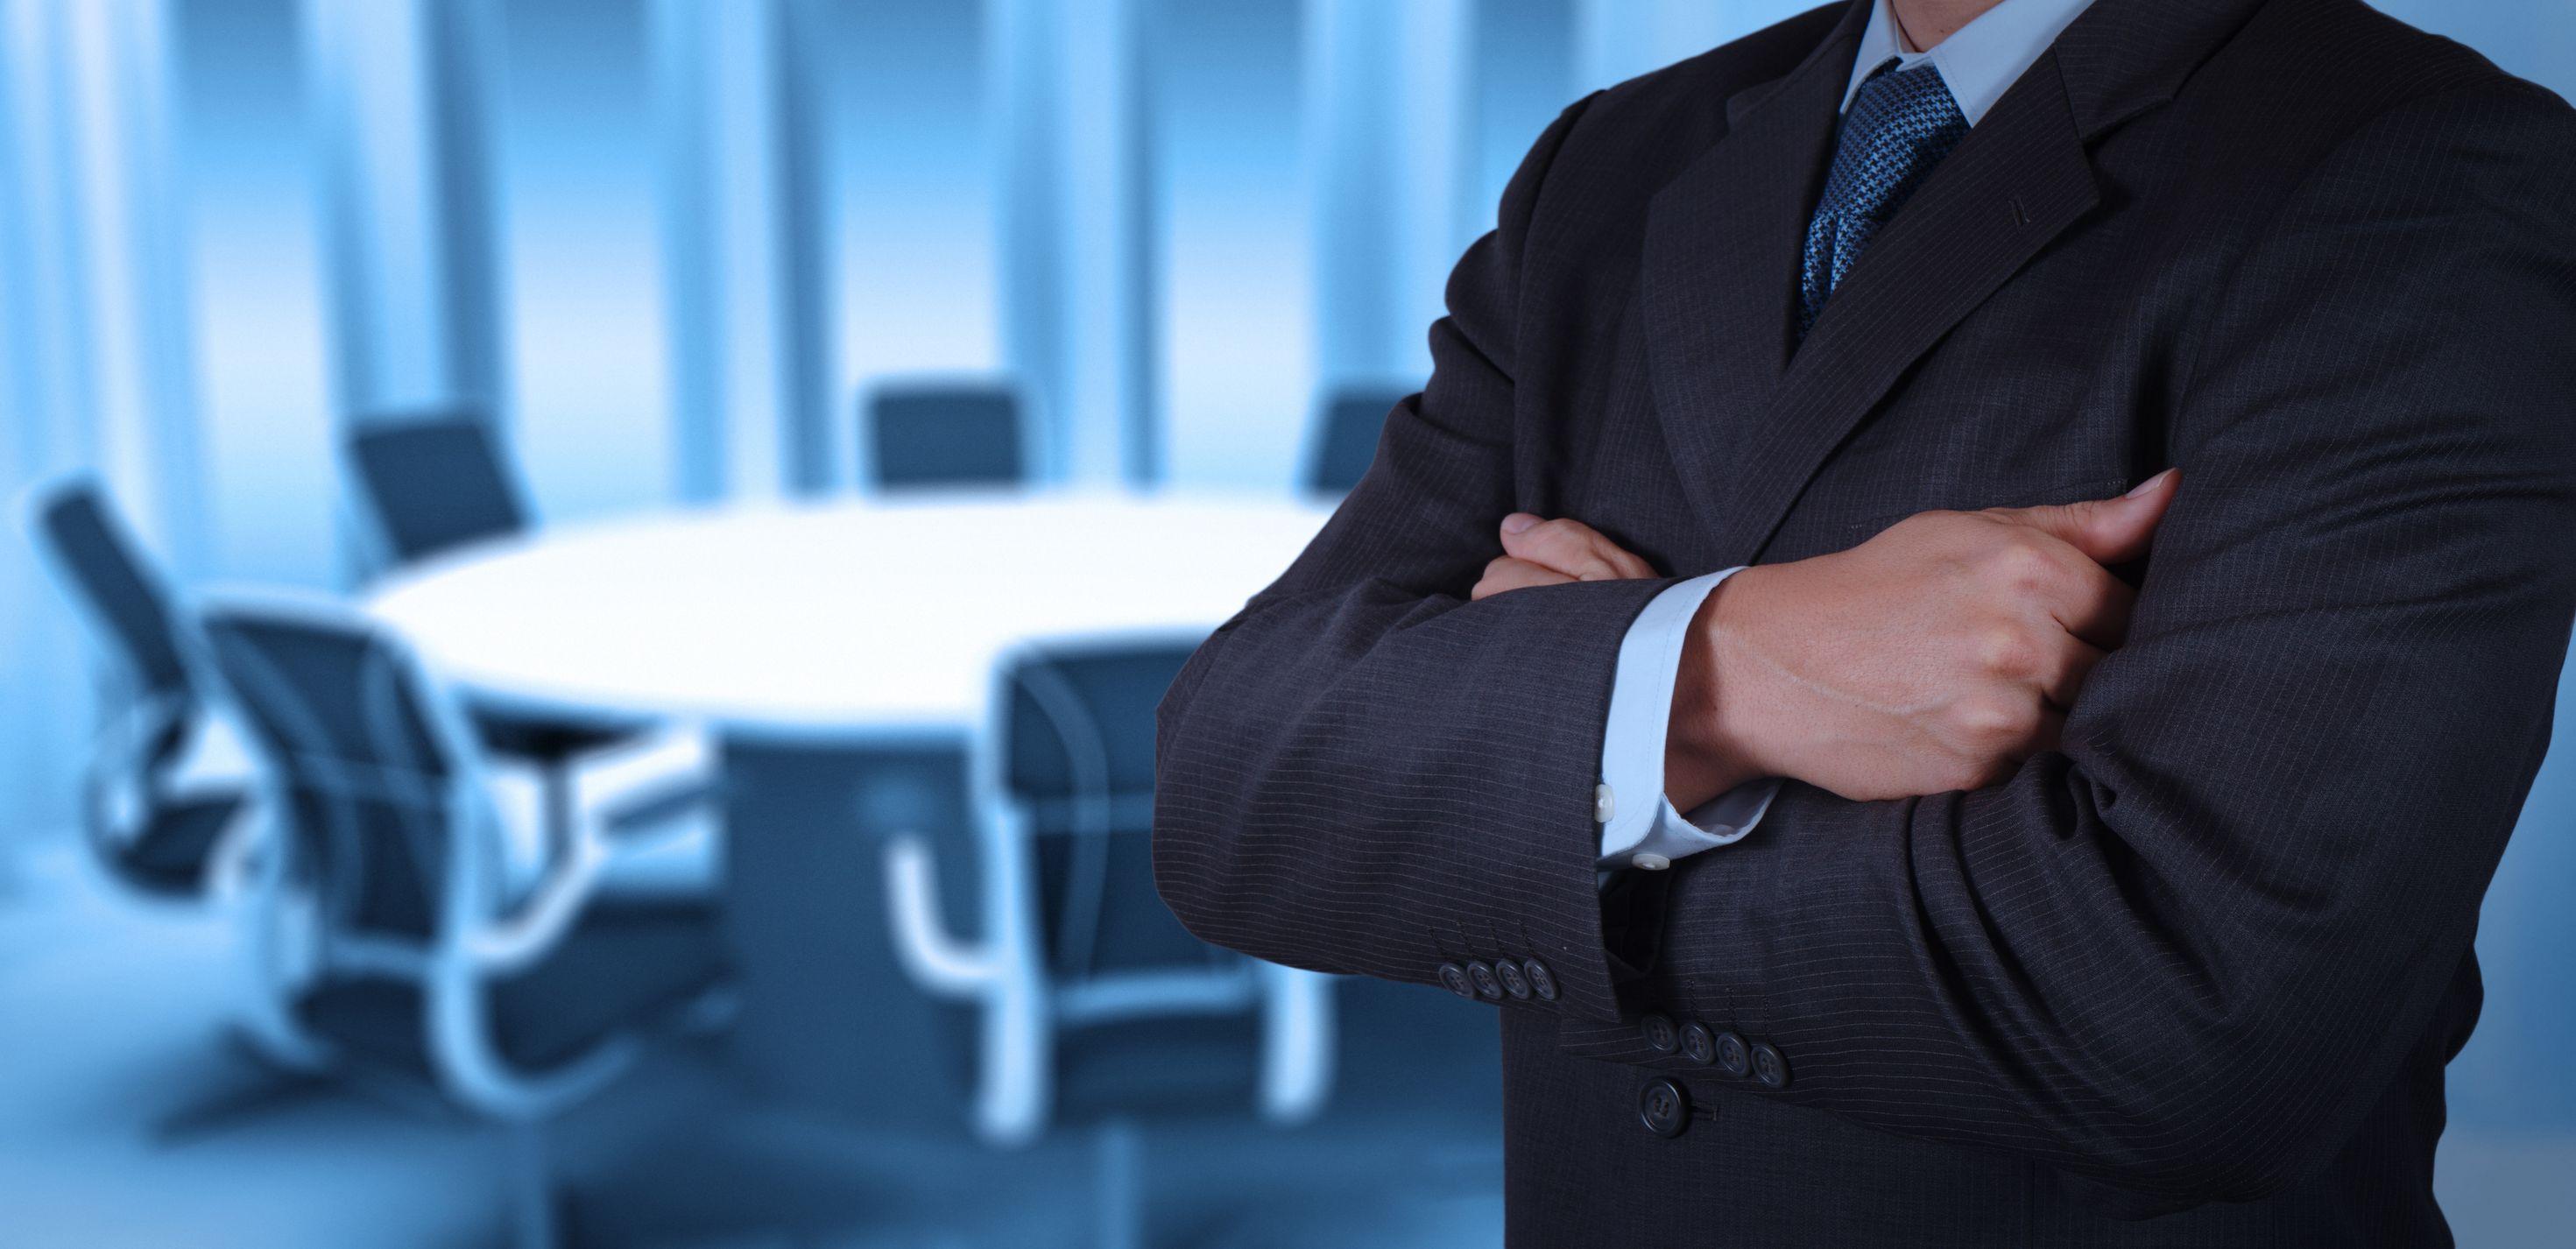 Niet governance maar gedrag bestuurder bepaalt succes van een organisatie